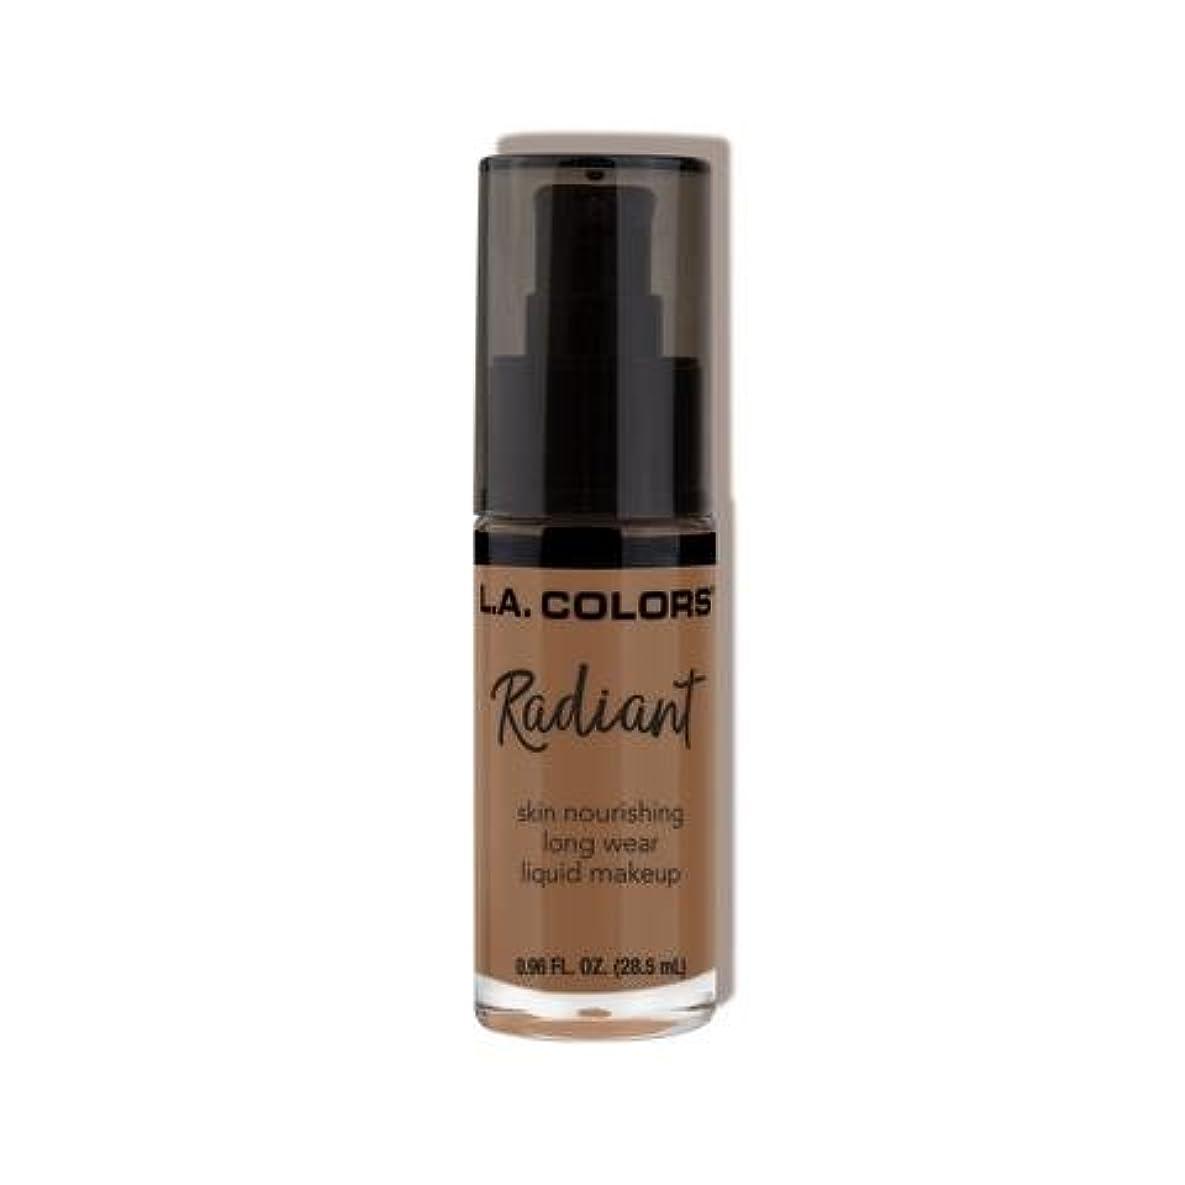 スクラブ中級最初は(3 Pack) L.A. COLORS Radiant Liquid Makeup - Mocha (並行輸入品)